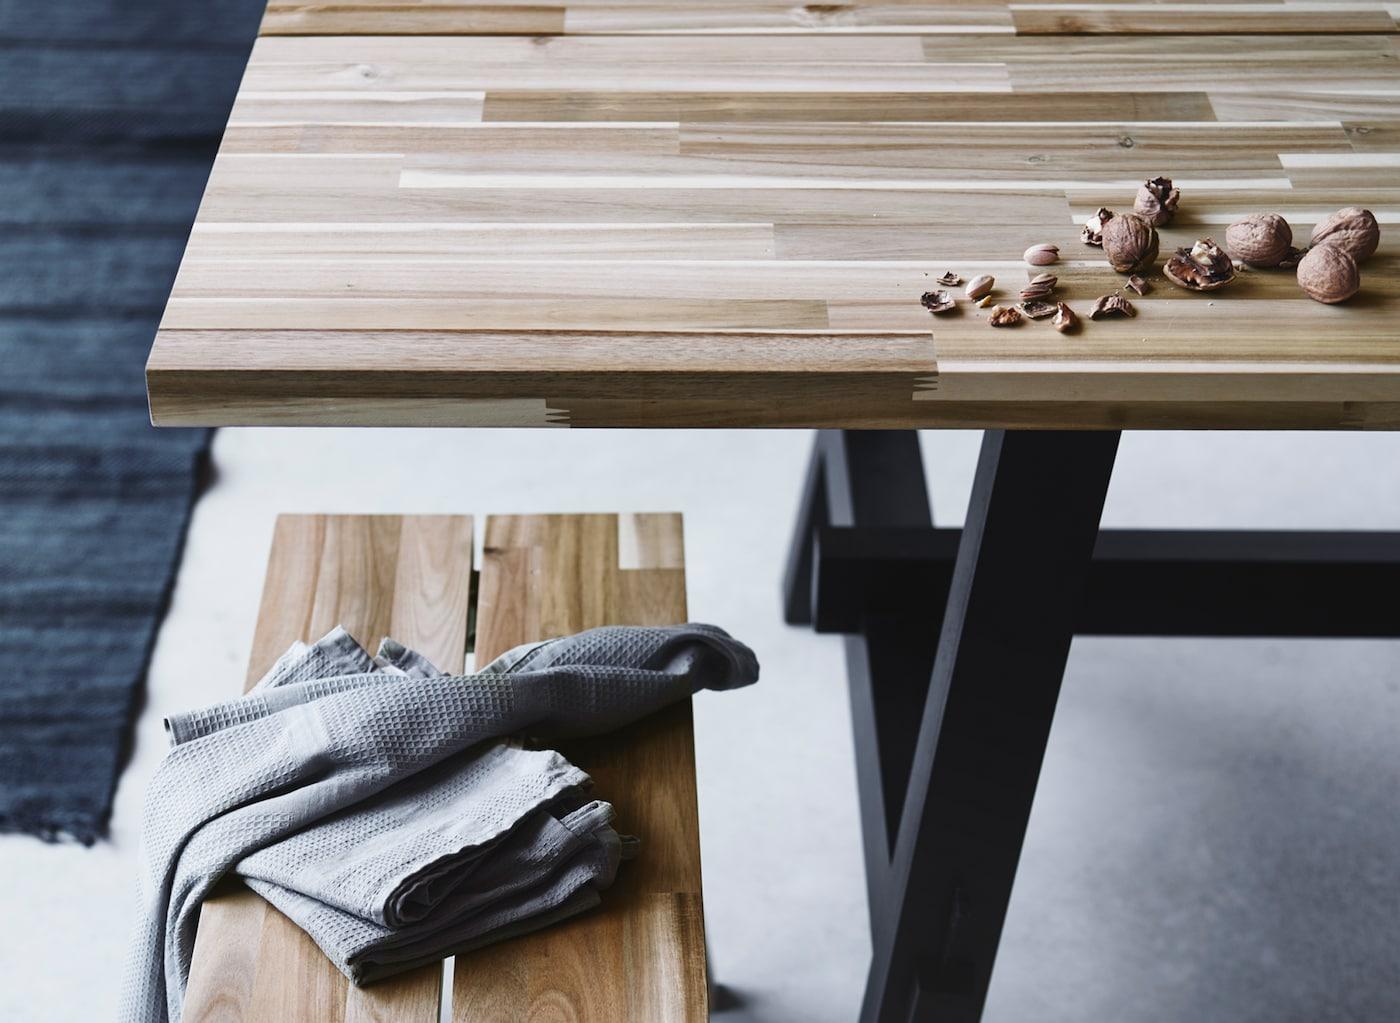 En 2017, IKEA a atteint l'objectif de 100% de bois issu de sources plus durables dans plusieurs pays.